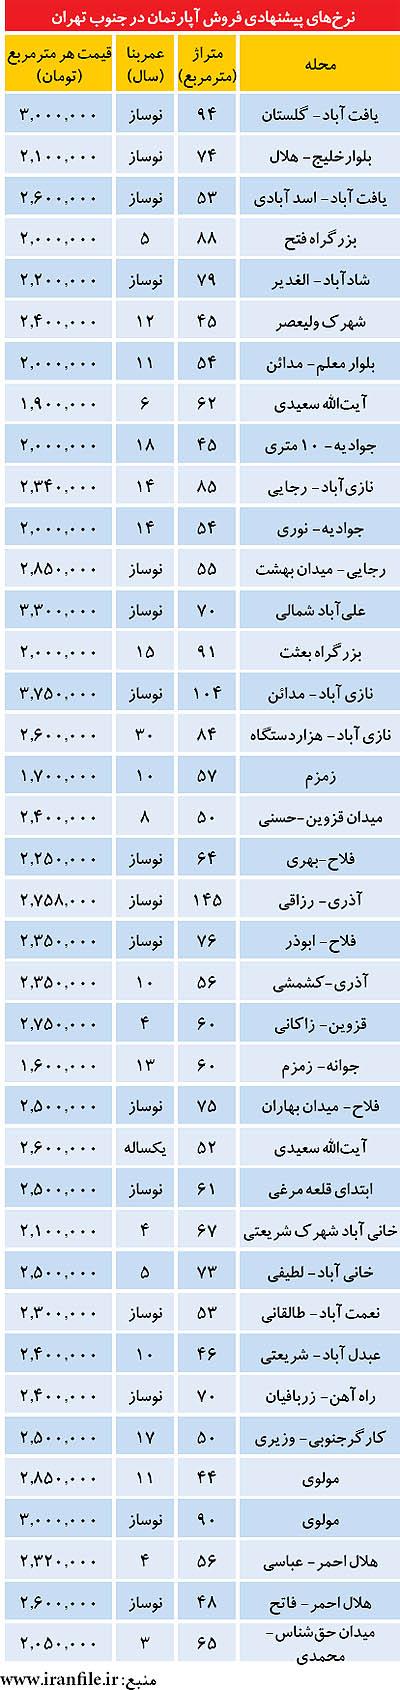 قیمت برخی آپارتمان ها در جنوب تهران (+جدول)